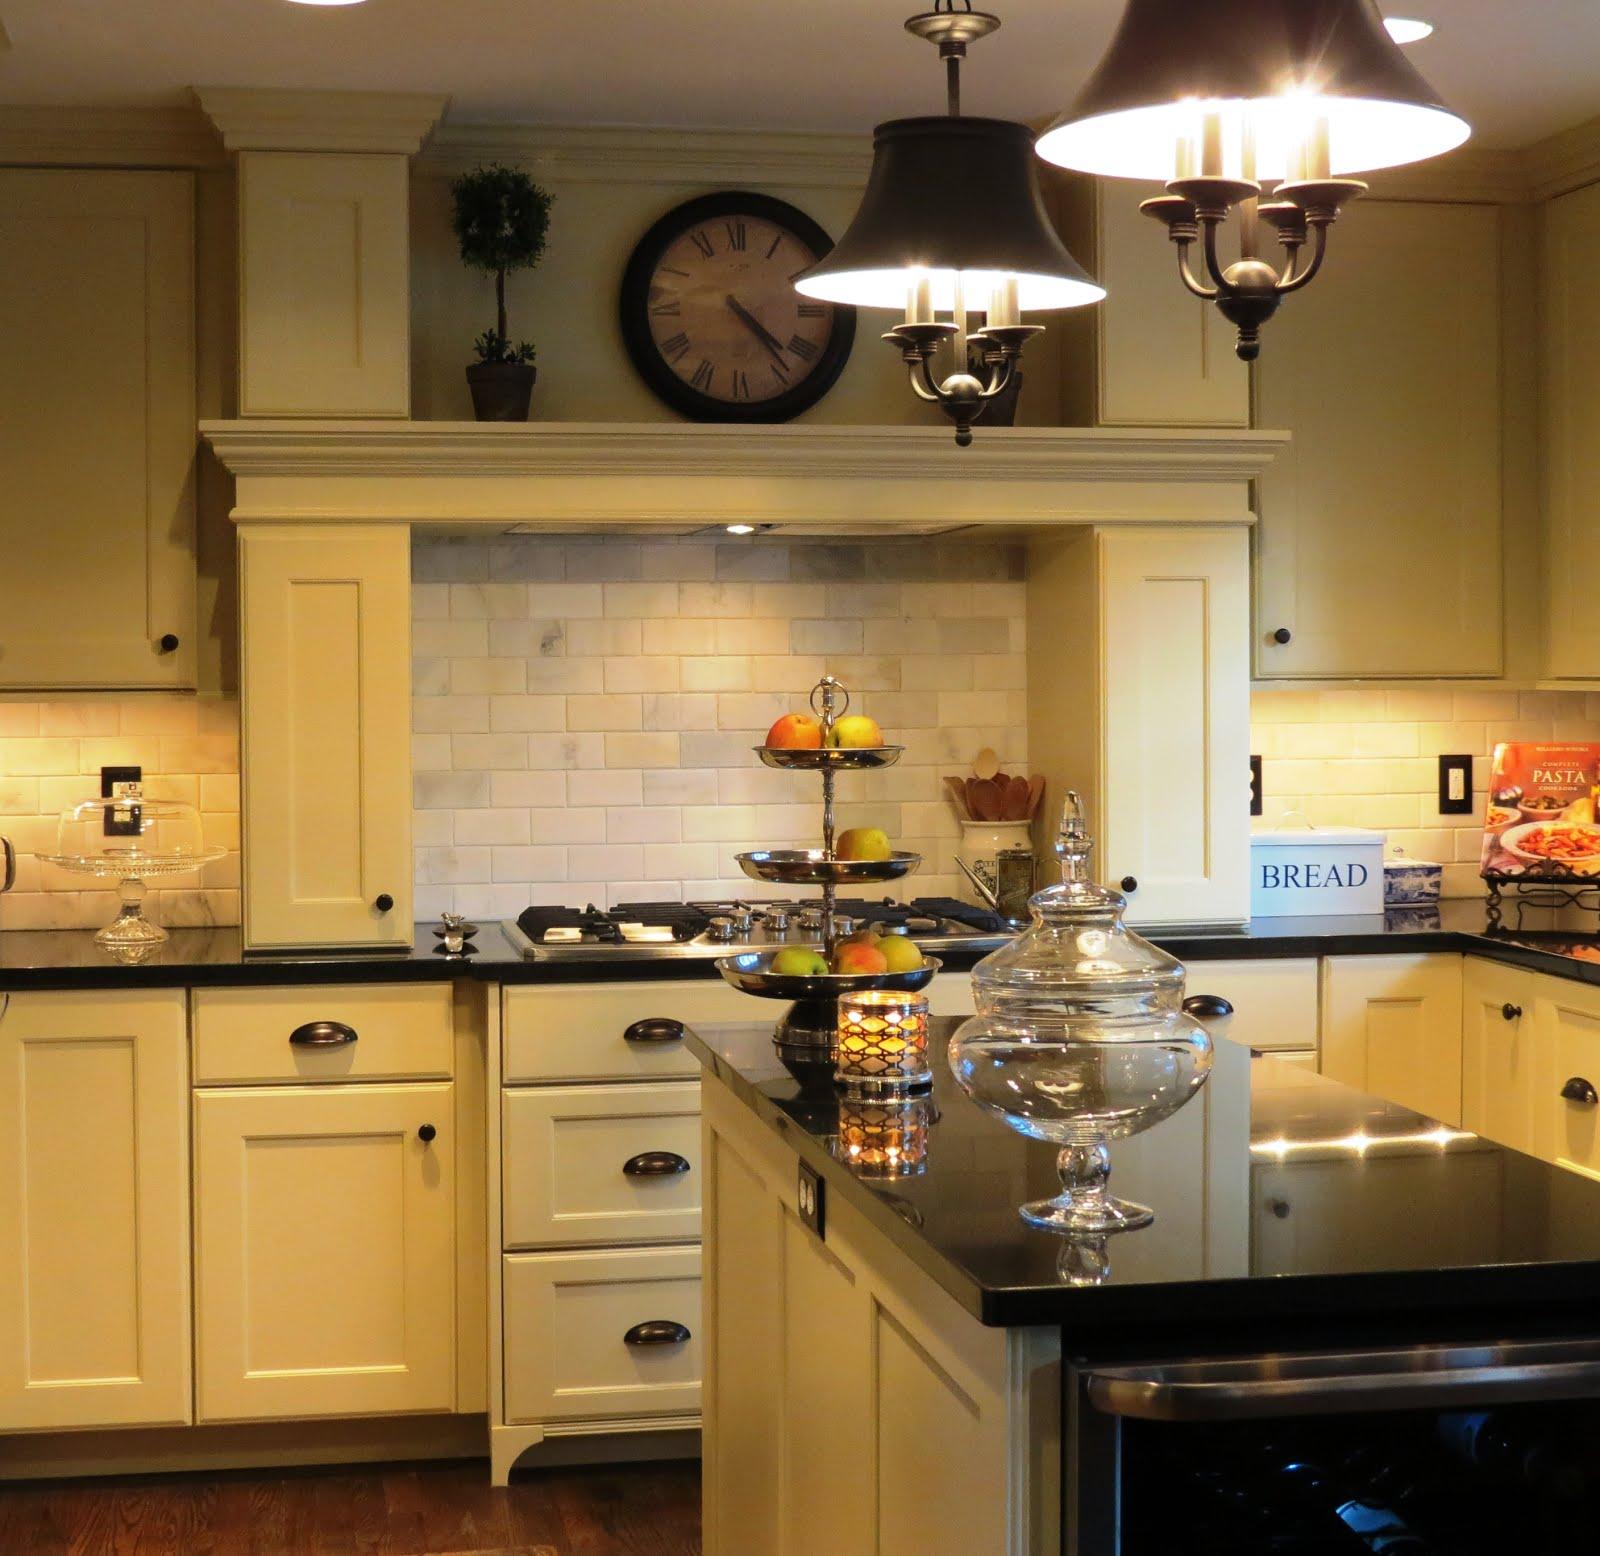 Remodel Kitchen: KC Cabinetry Design And Renovation: Highlands Ranch Remodel